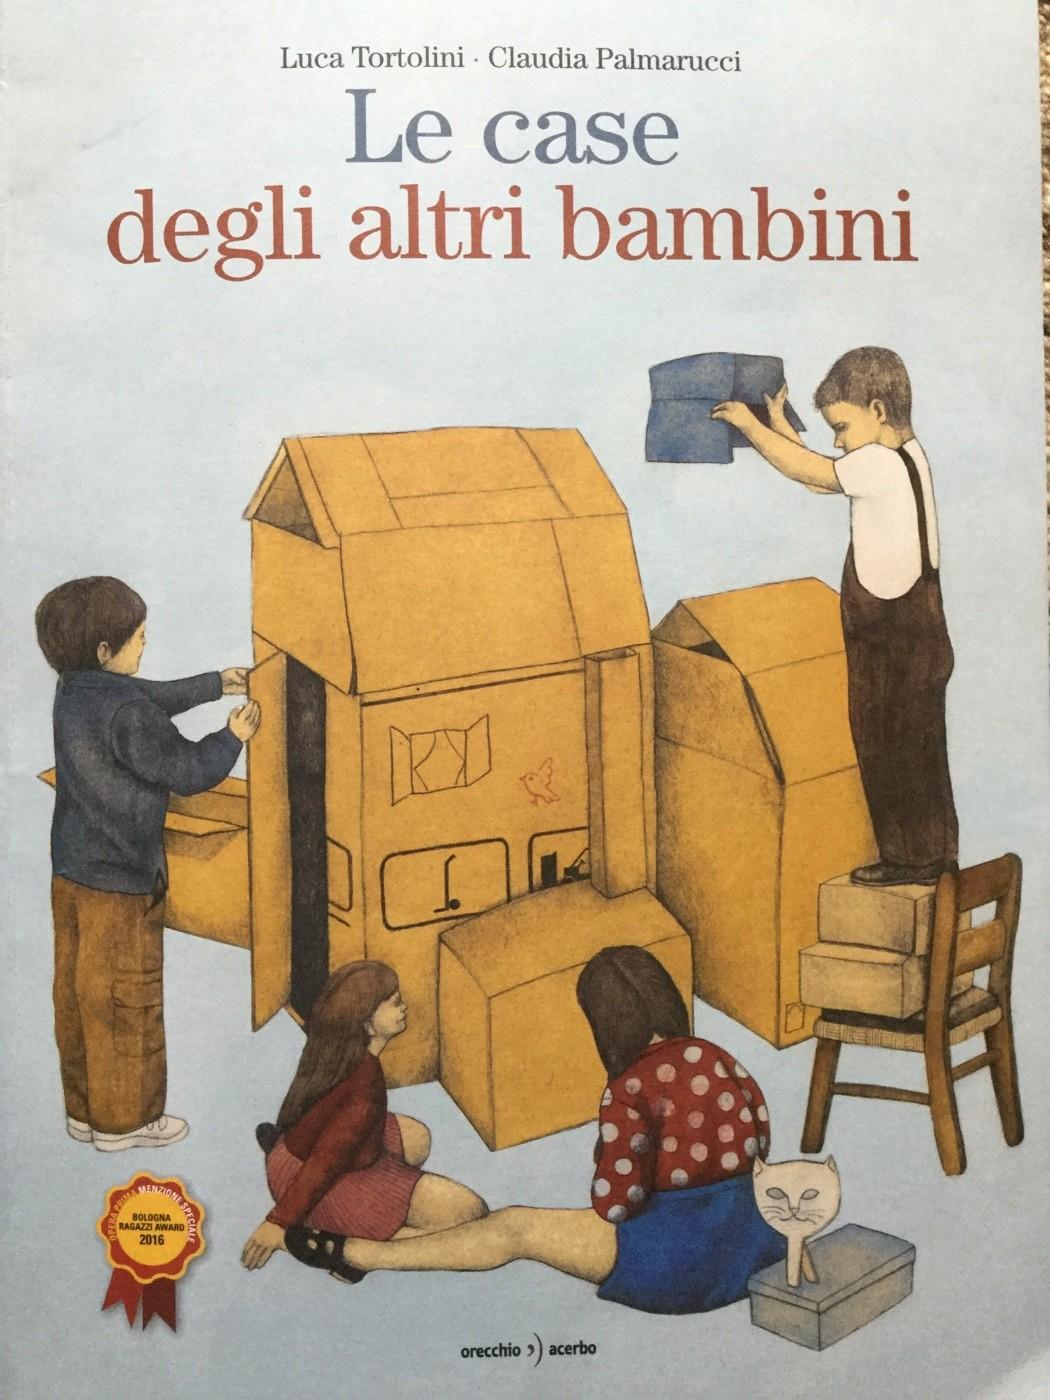 case-altri-bambini-Tortolini-Palmarucci-Orecchio-Acerbo-Galline-Volanti